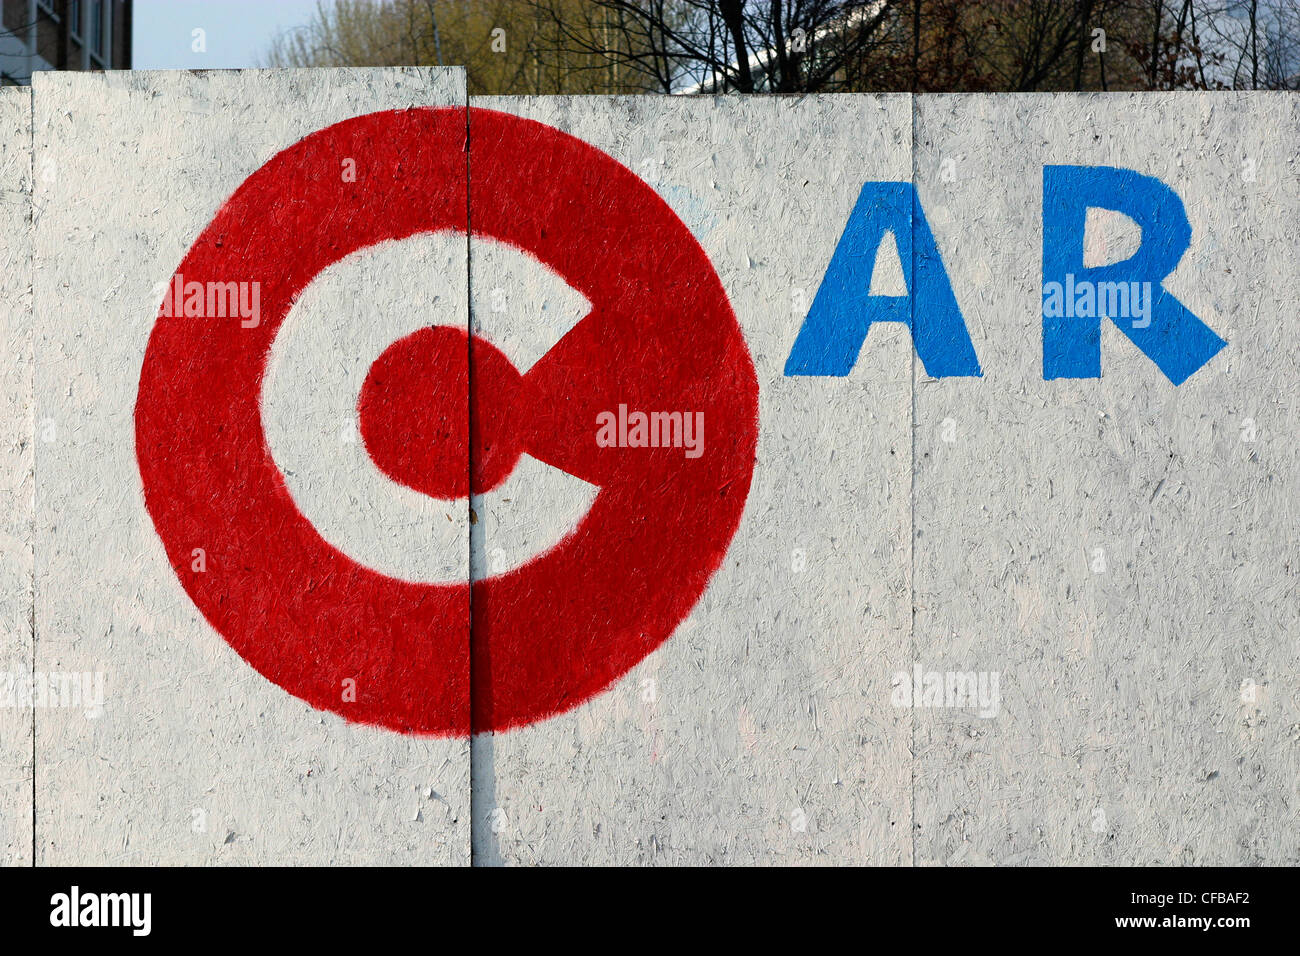 Car park sign based on congestion charge logo, London, UK. Stock Photo